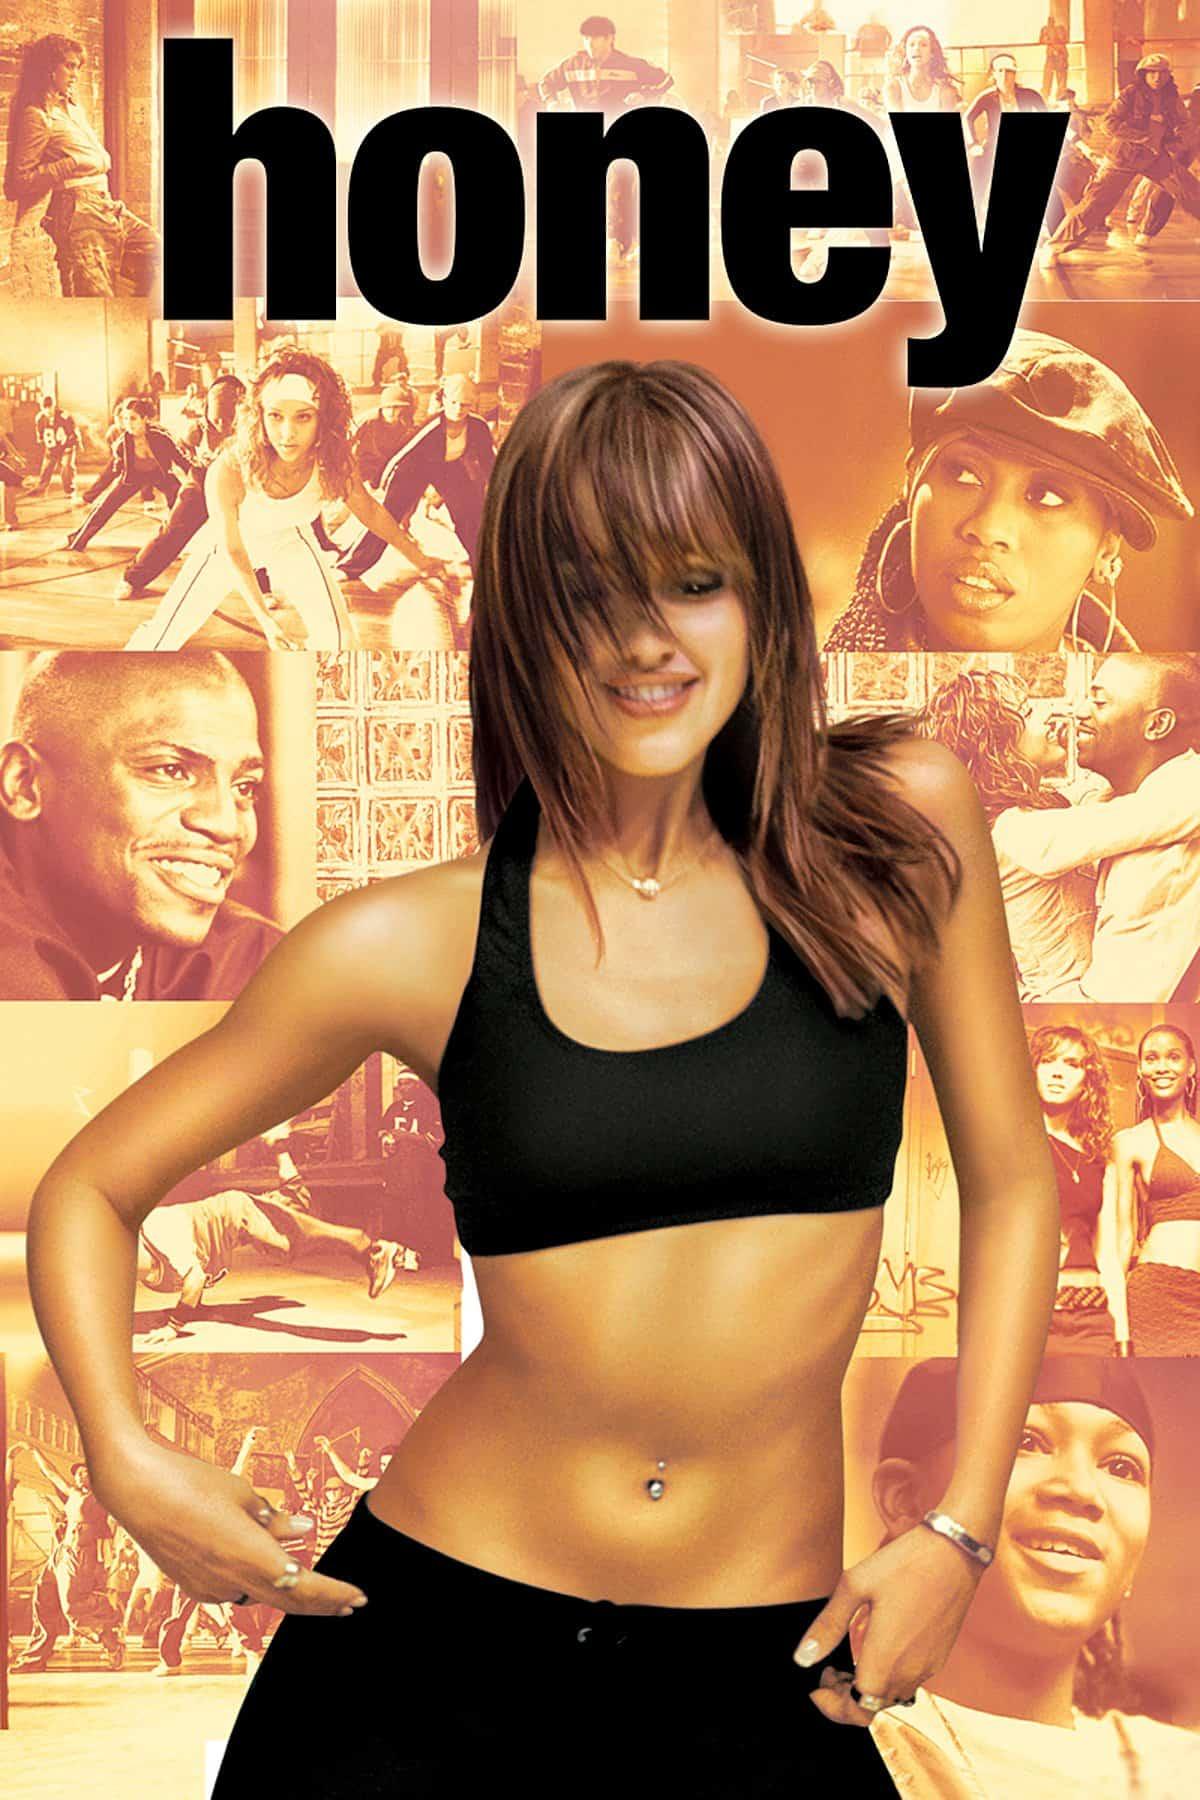 Honey, 2003